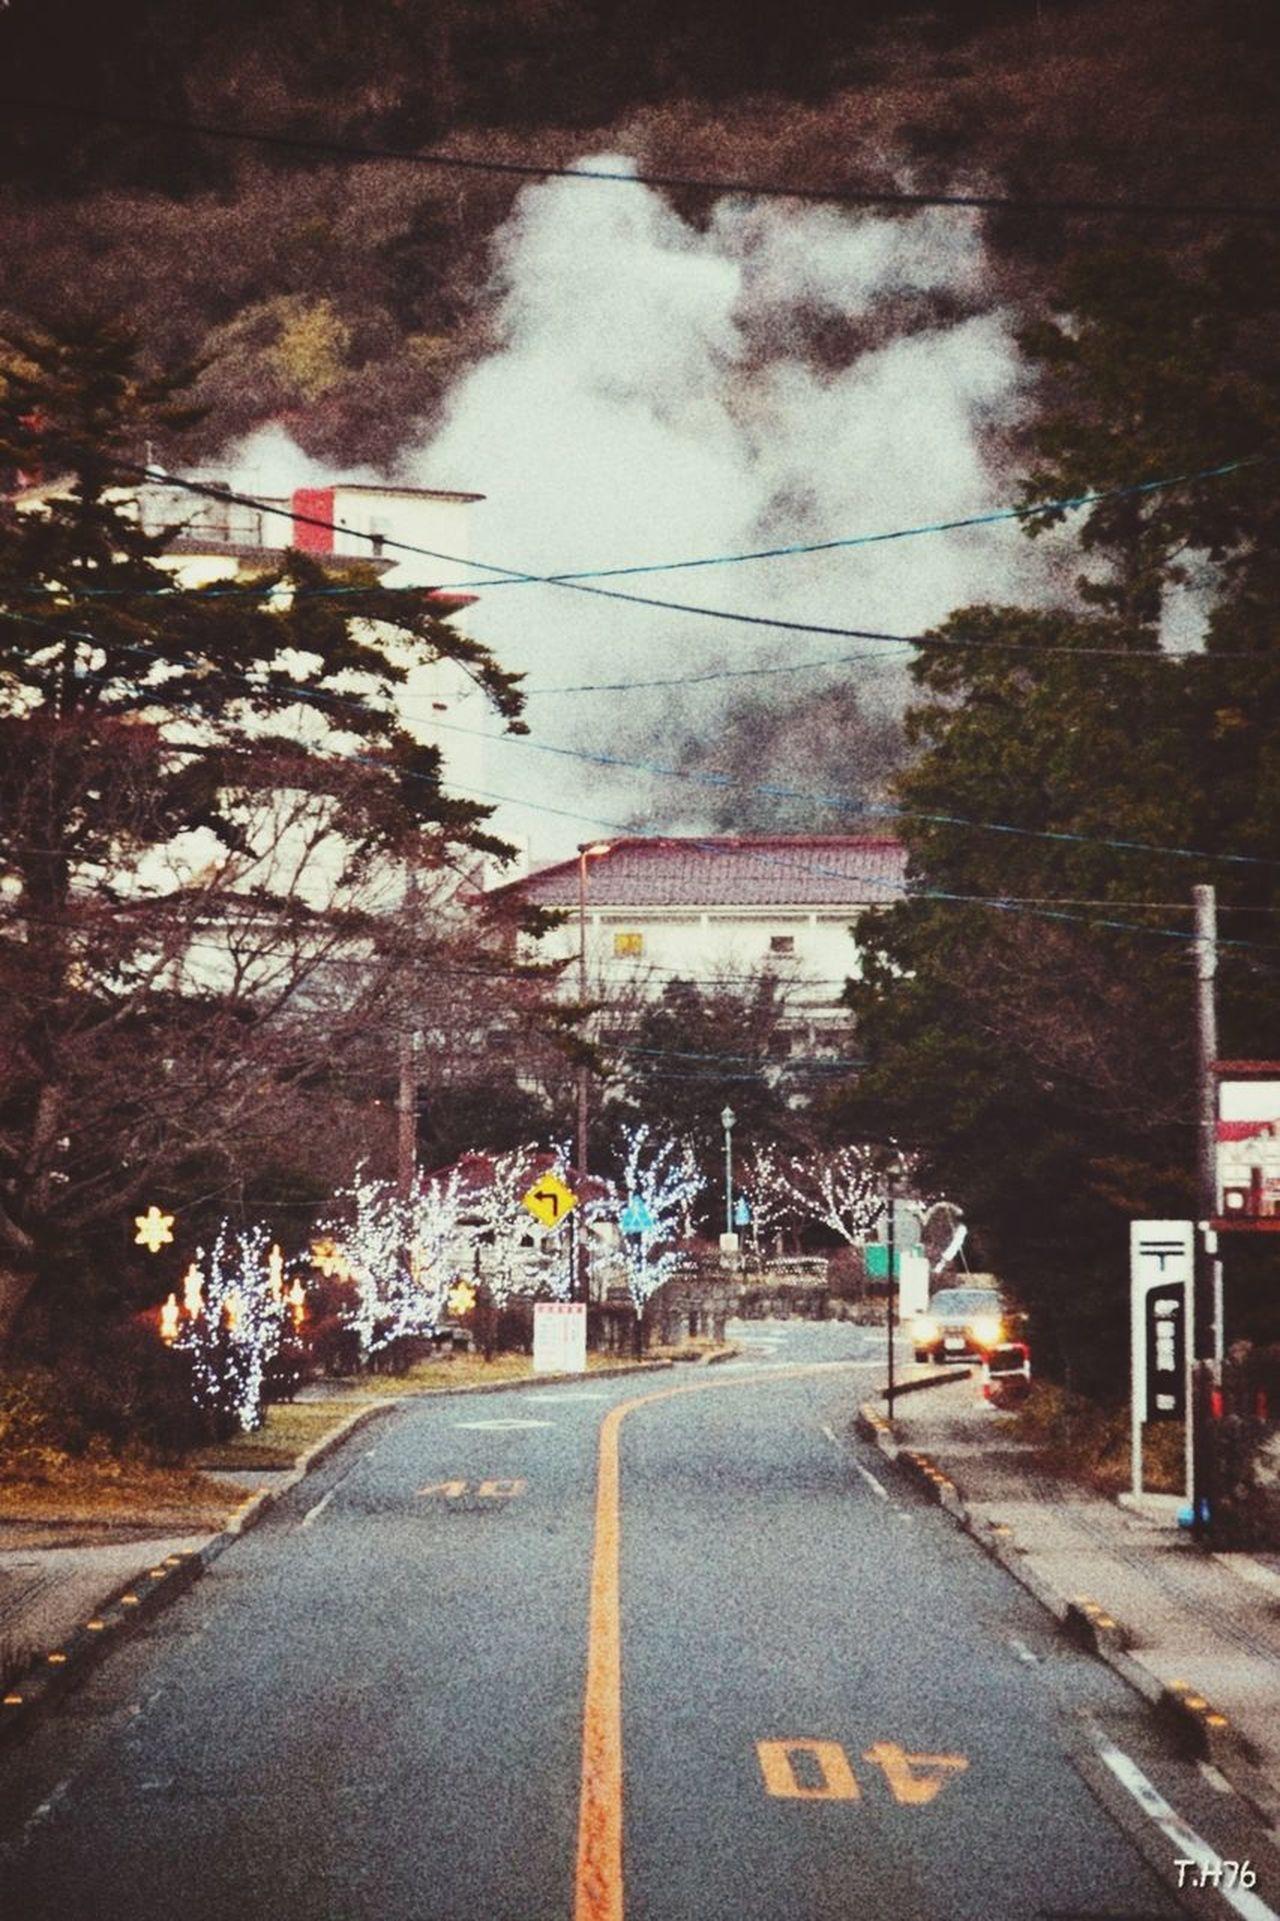 일본여행 Unzalu 정류장 여행 시간 Day Th76 풍경 풍경스타그램